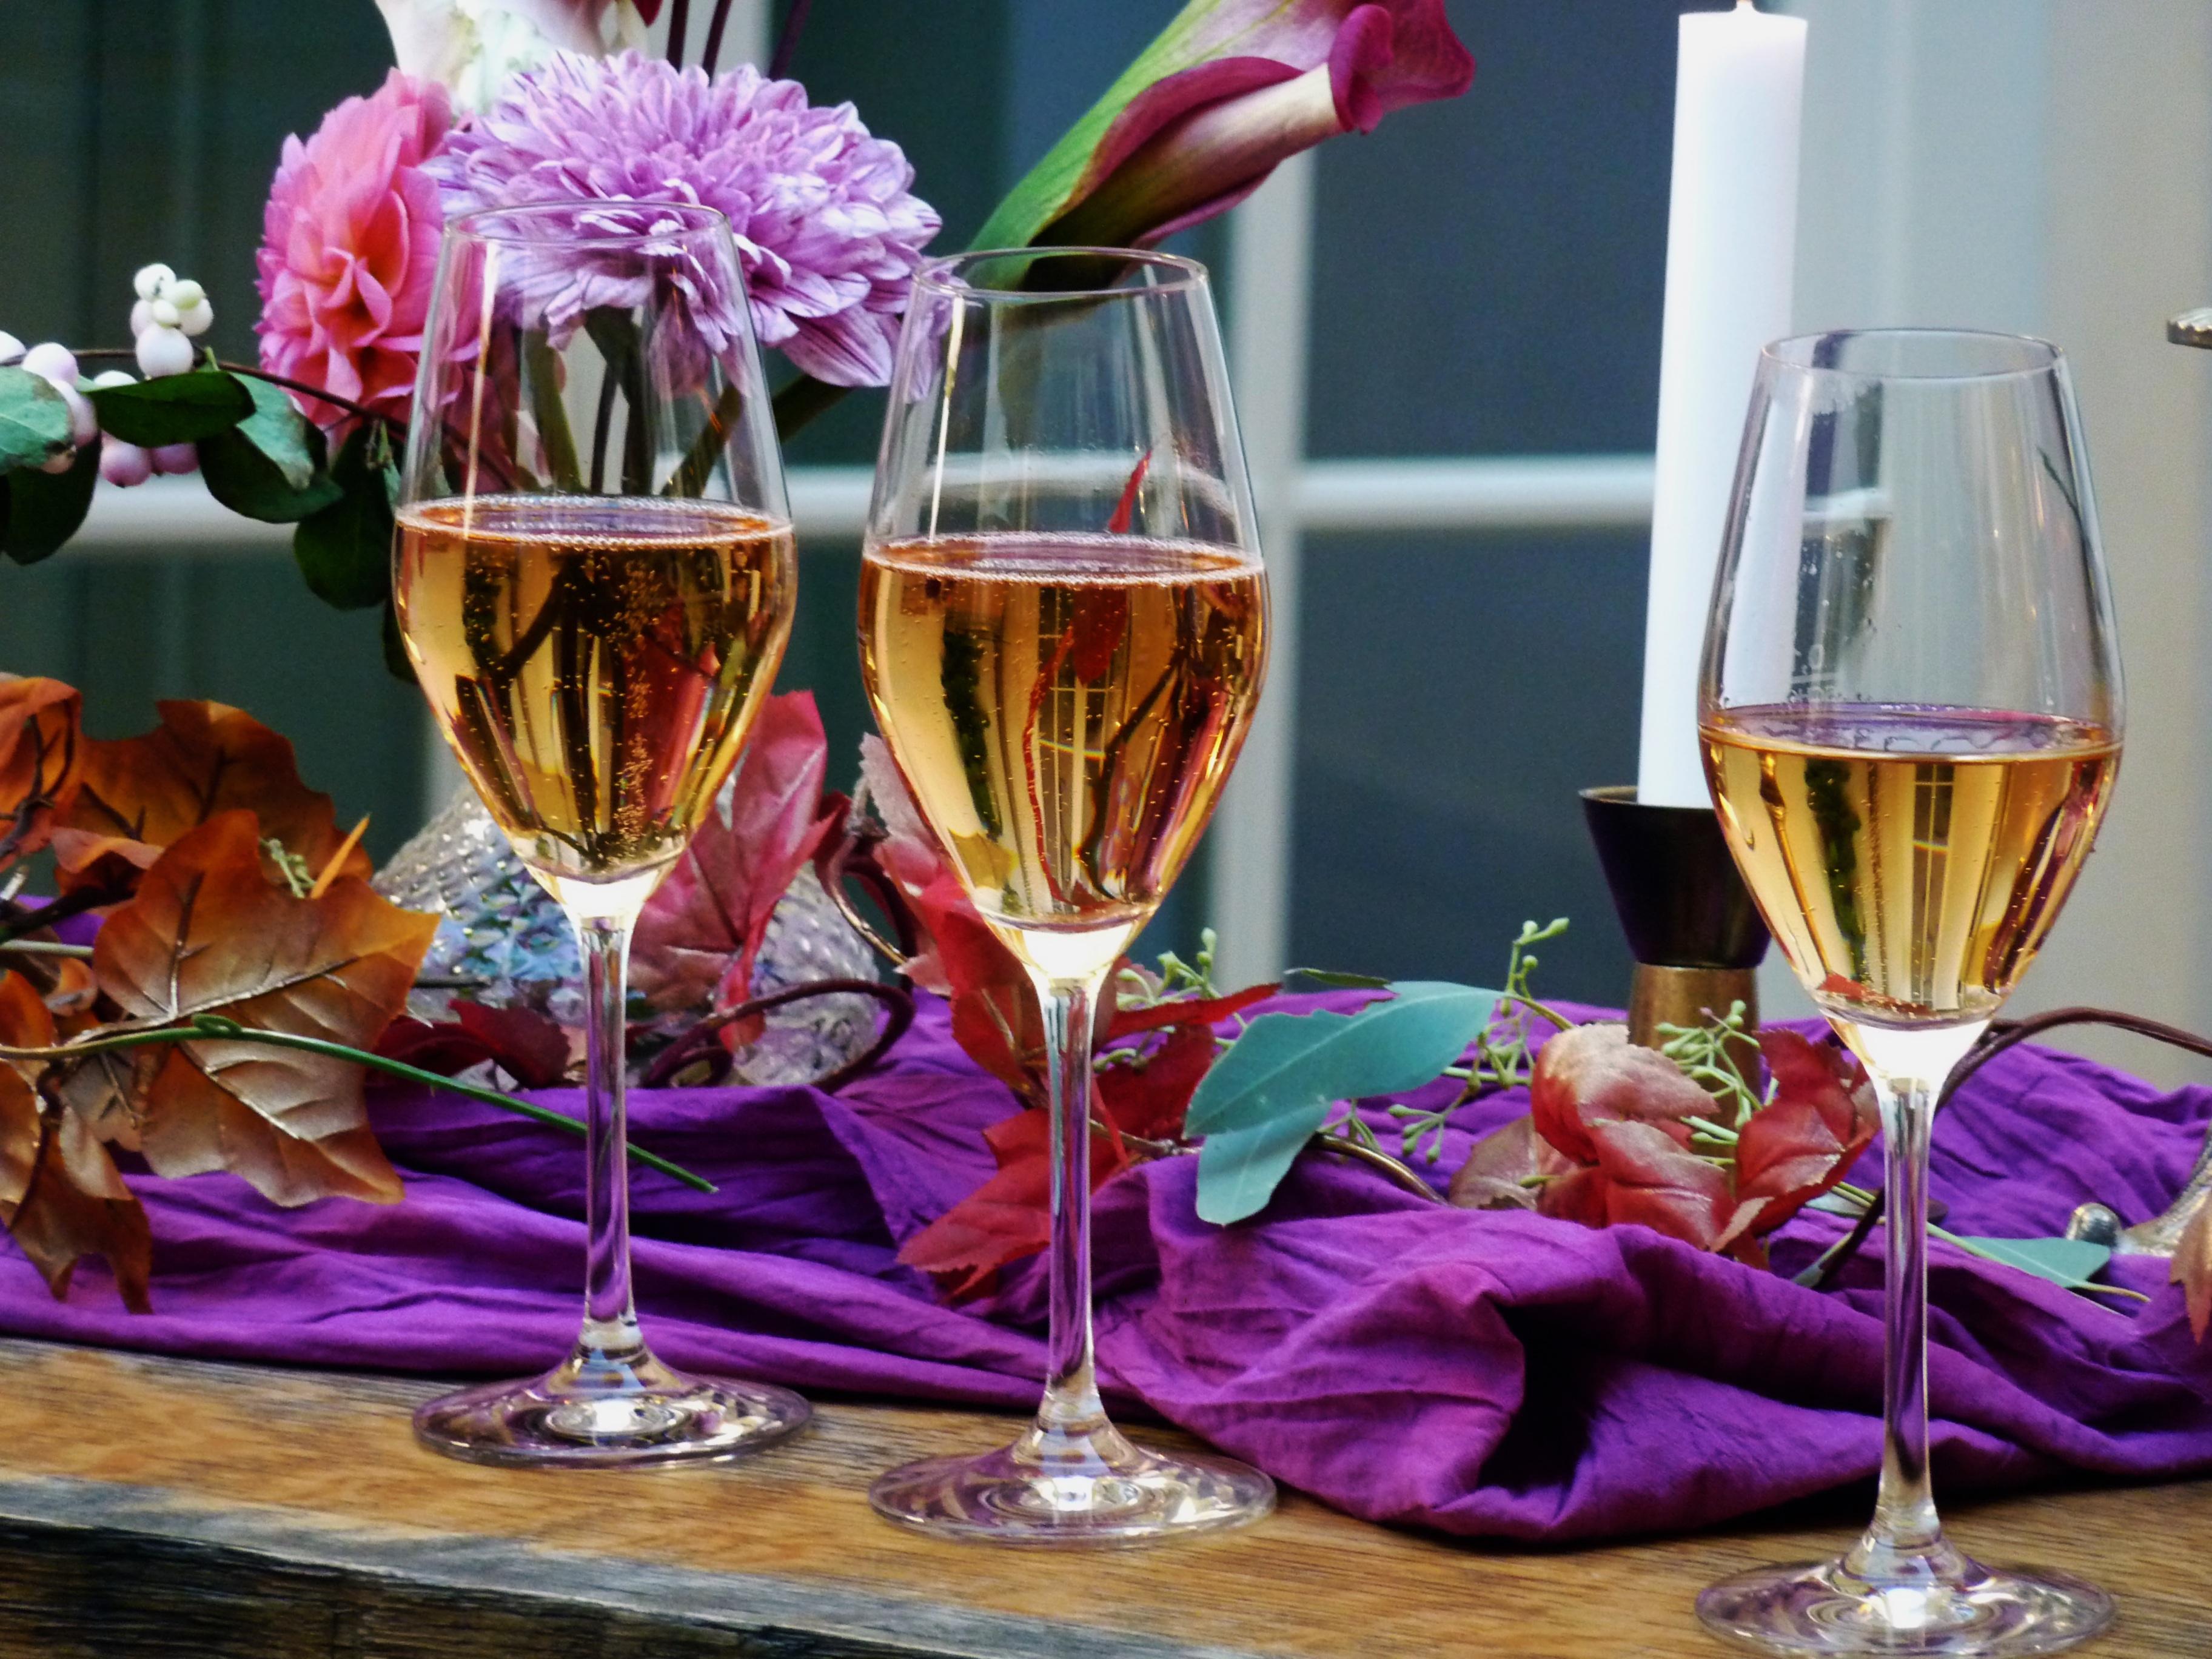 Фото компьютер цветы и шампанское